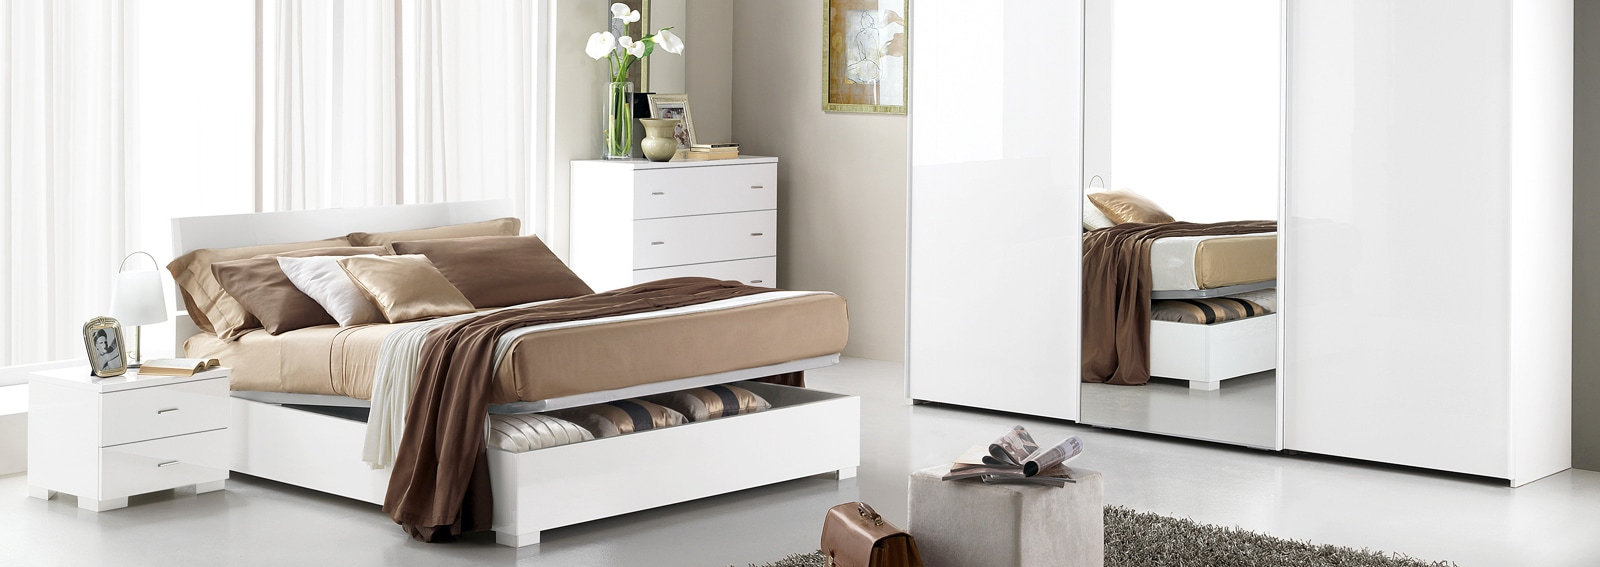 Camere Da Letto Piu Belle Del Mondo mondo convenienza: le camere da letto più belle - grazia